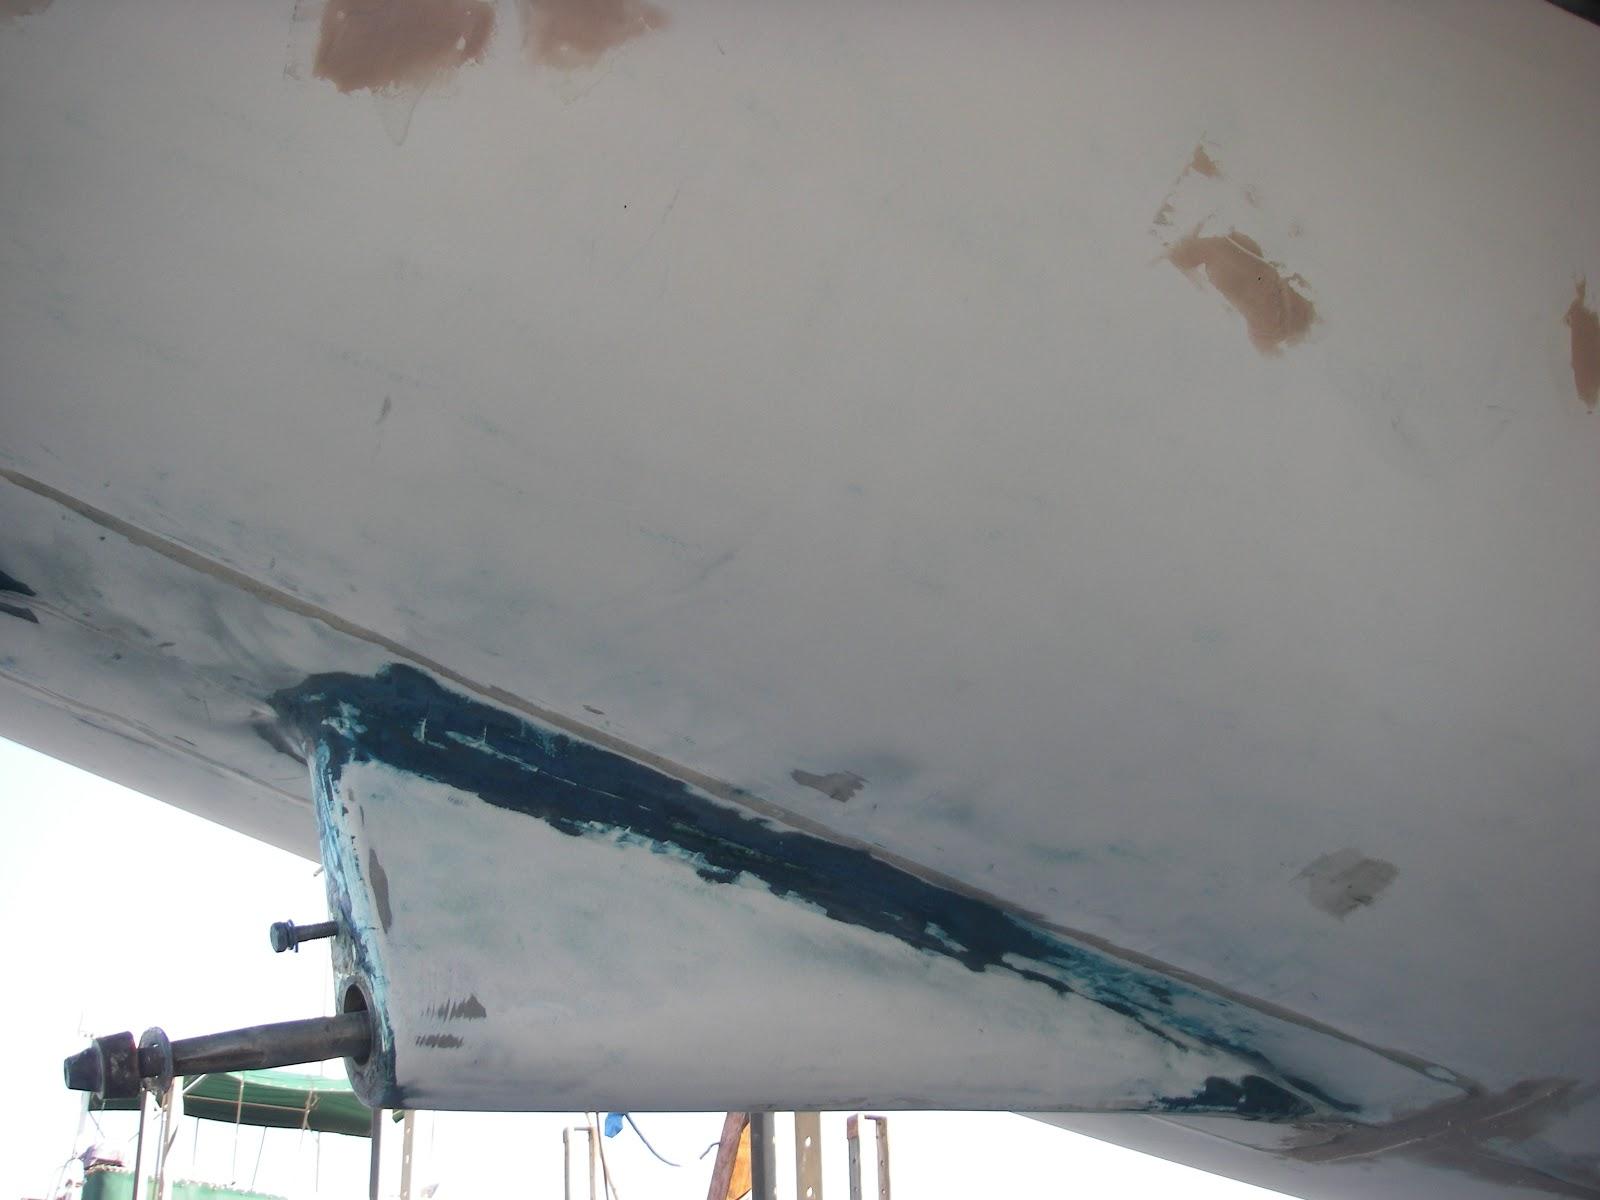 Cutlass Bearing 1 Shaft Drive : Tritonboatwork cutlass bearing replacement